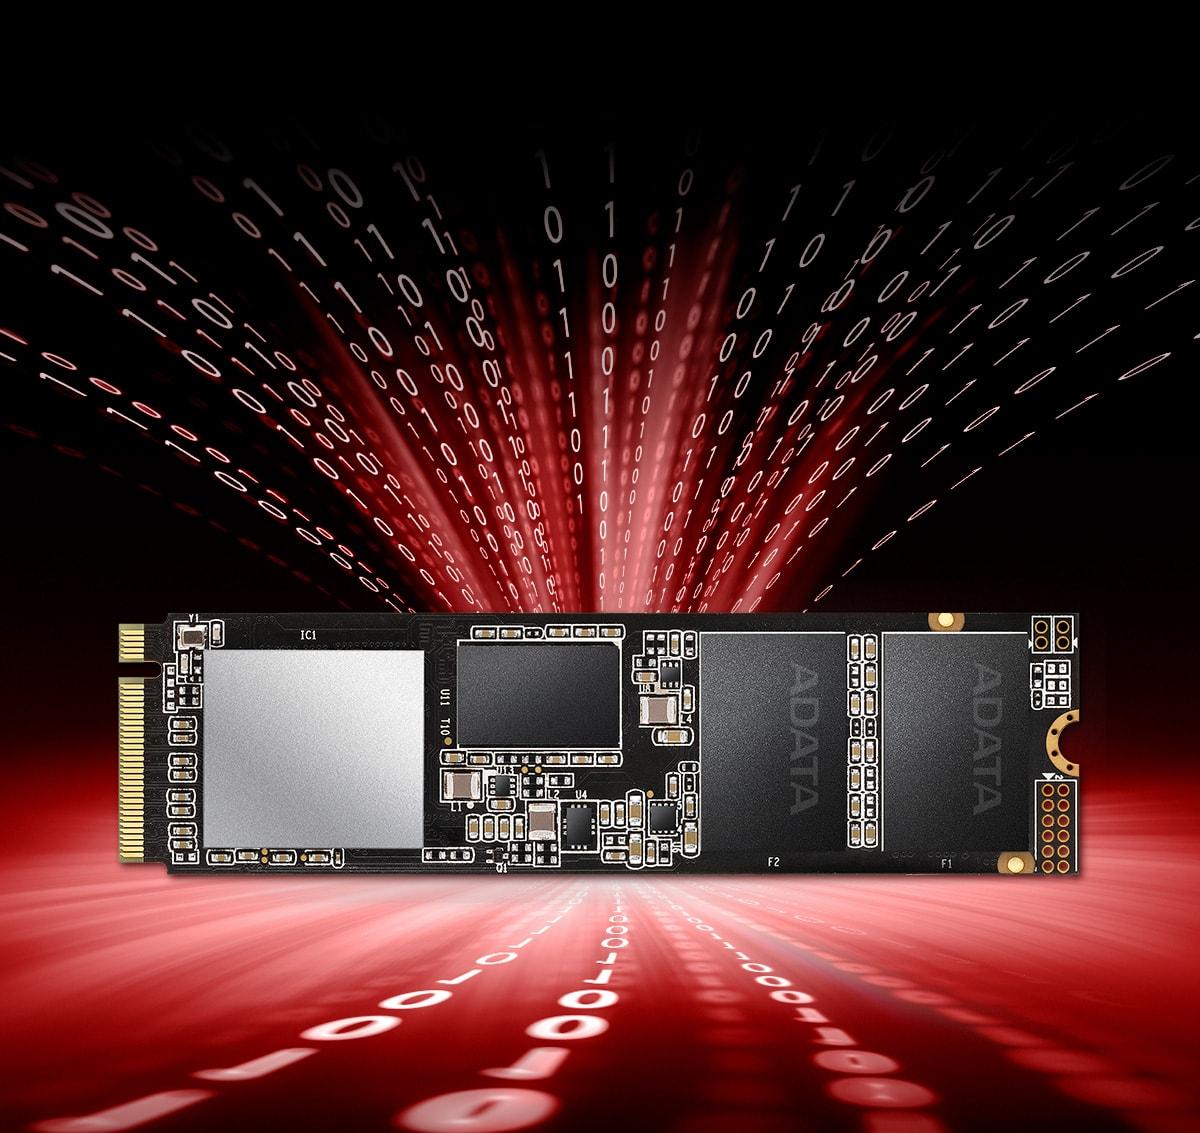 XPG SX8200 Pro 512GB PCIe Gen3x4 M.2 NVMe SSD 2280 $64.97